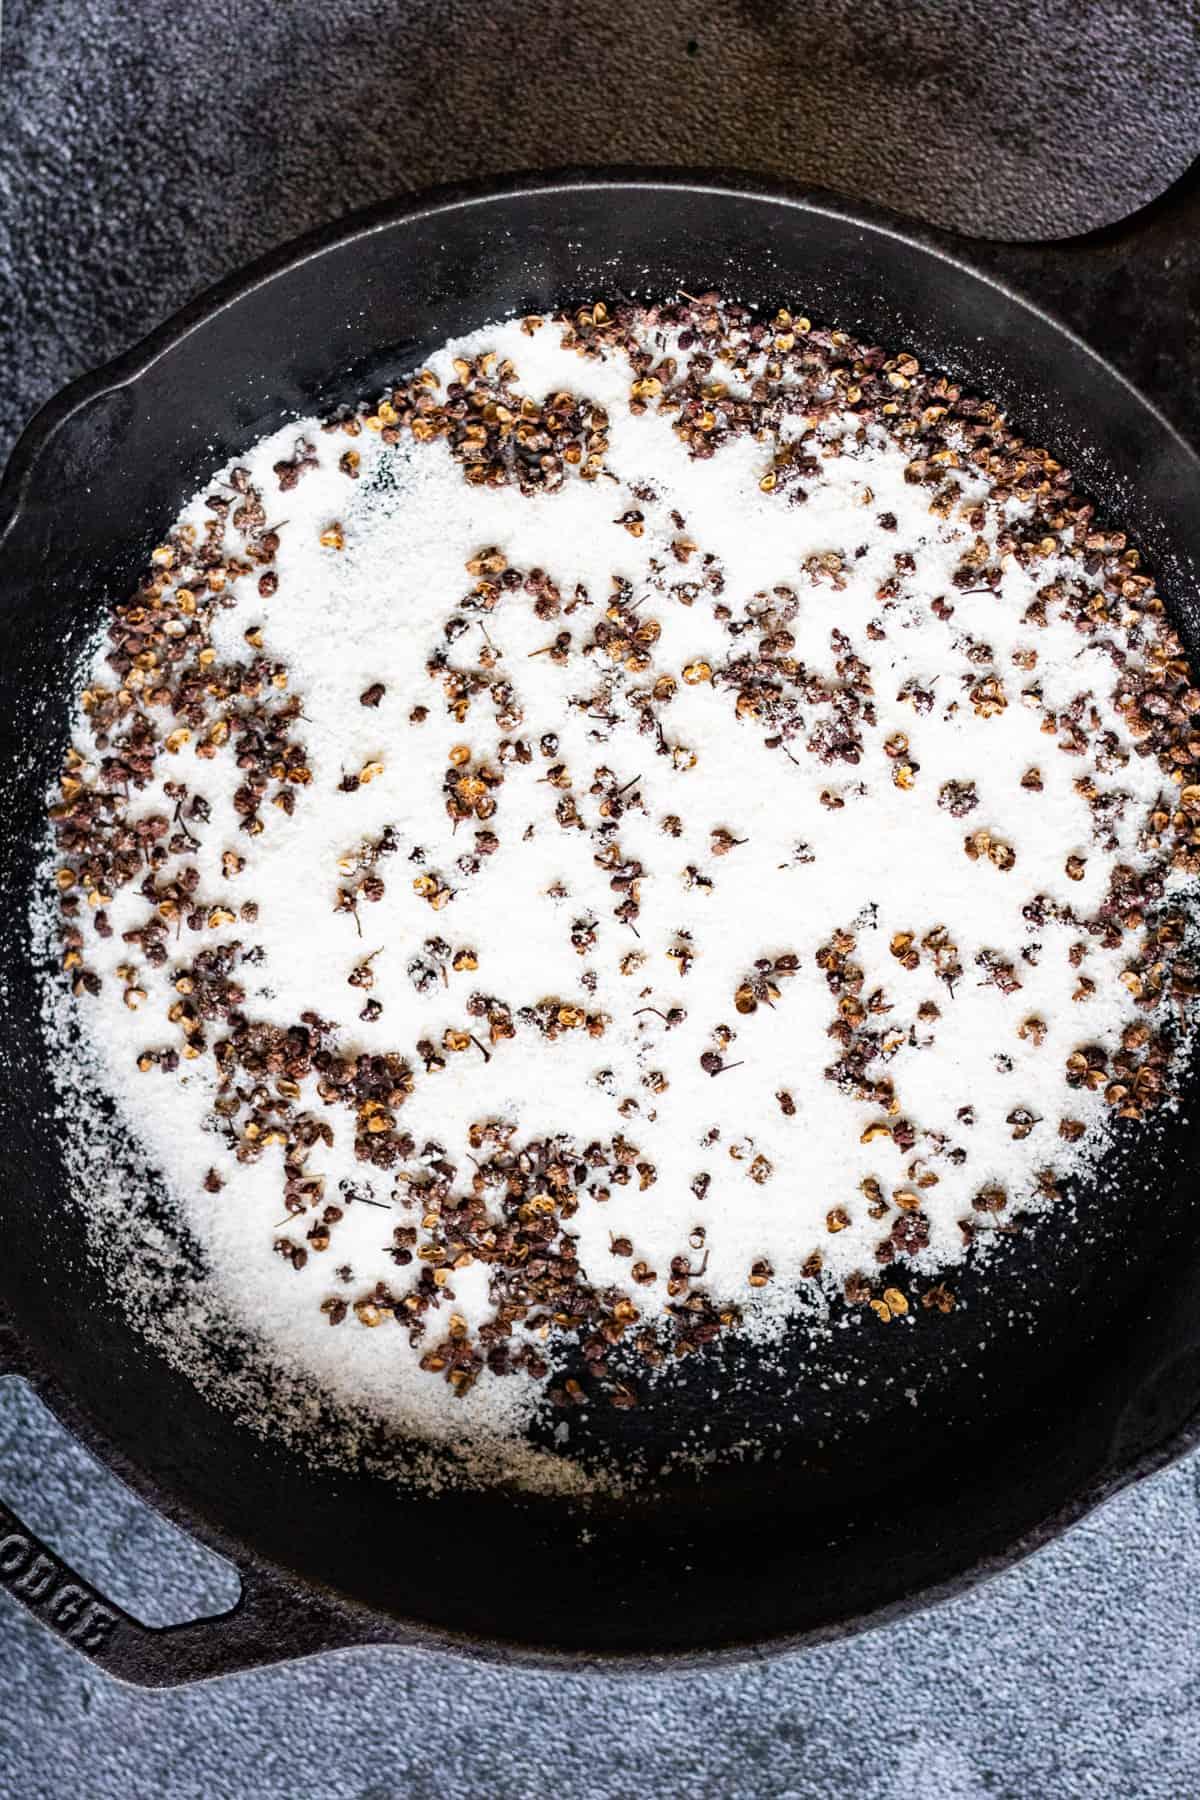 Overhead shot of Szechuan peppercorns and kosher salt in a cast-iron skillet.